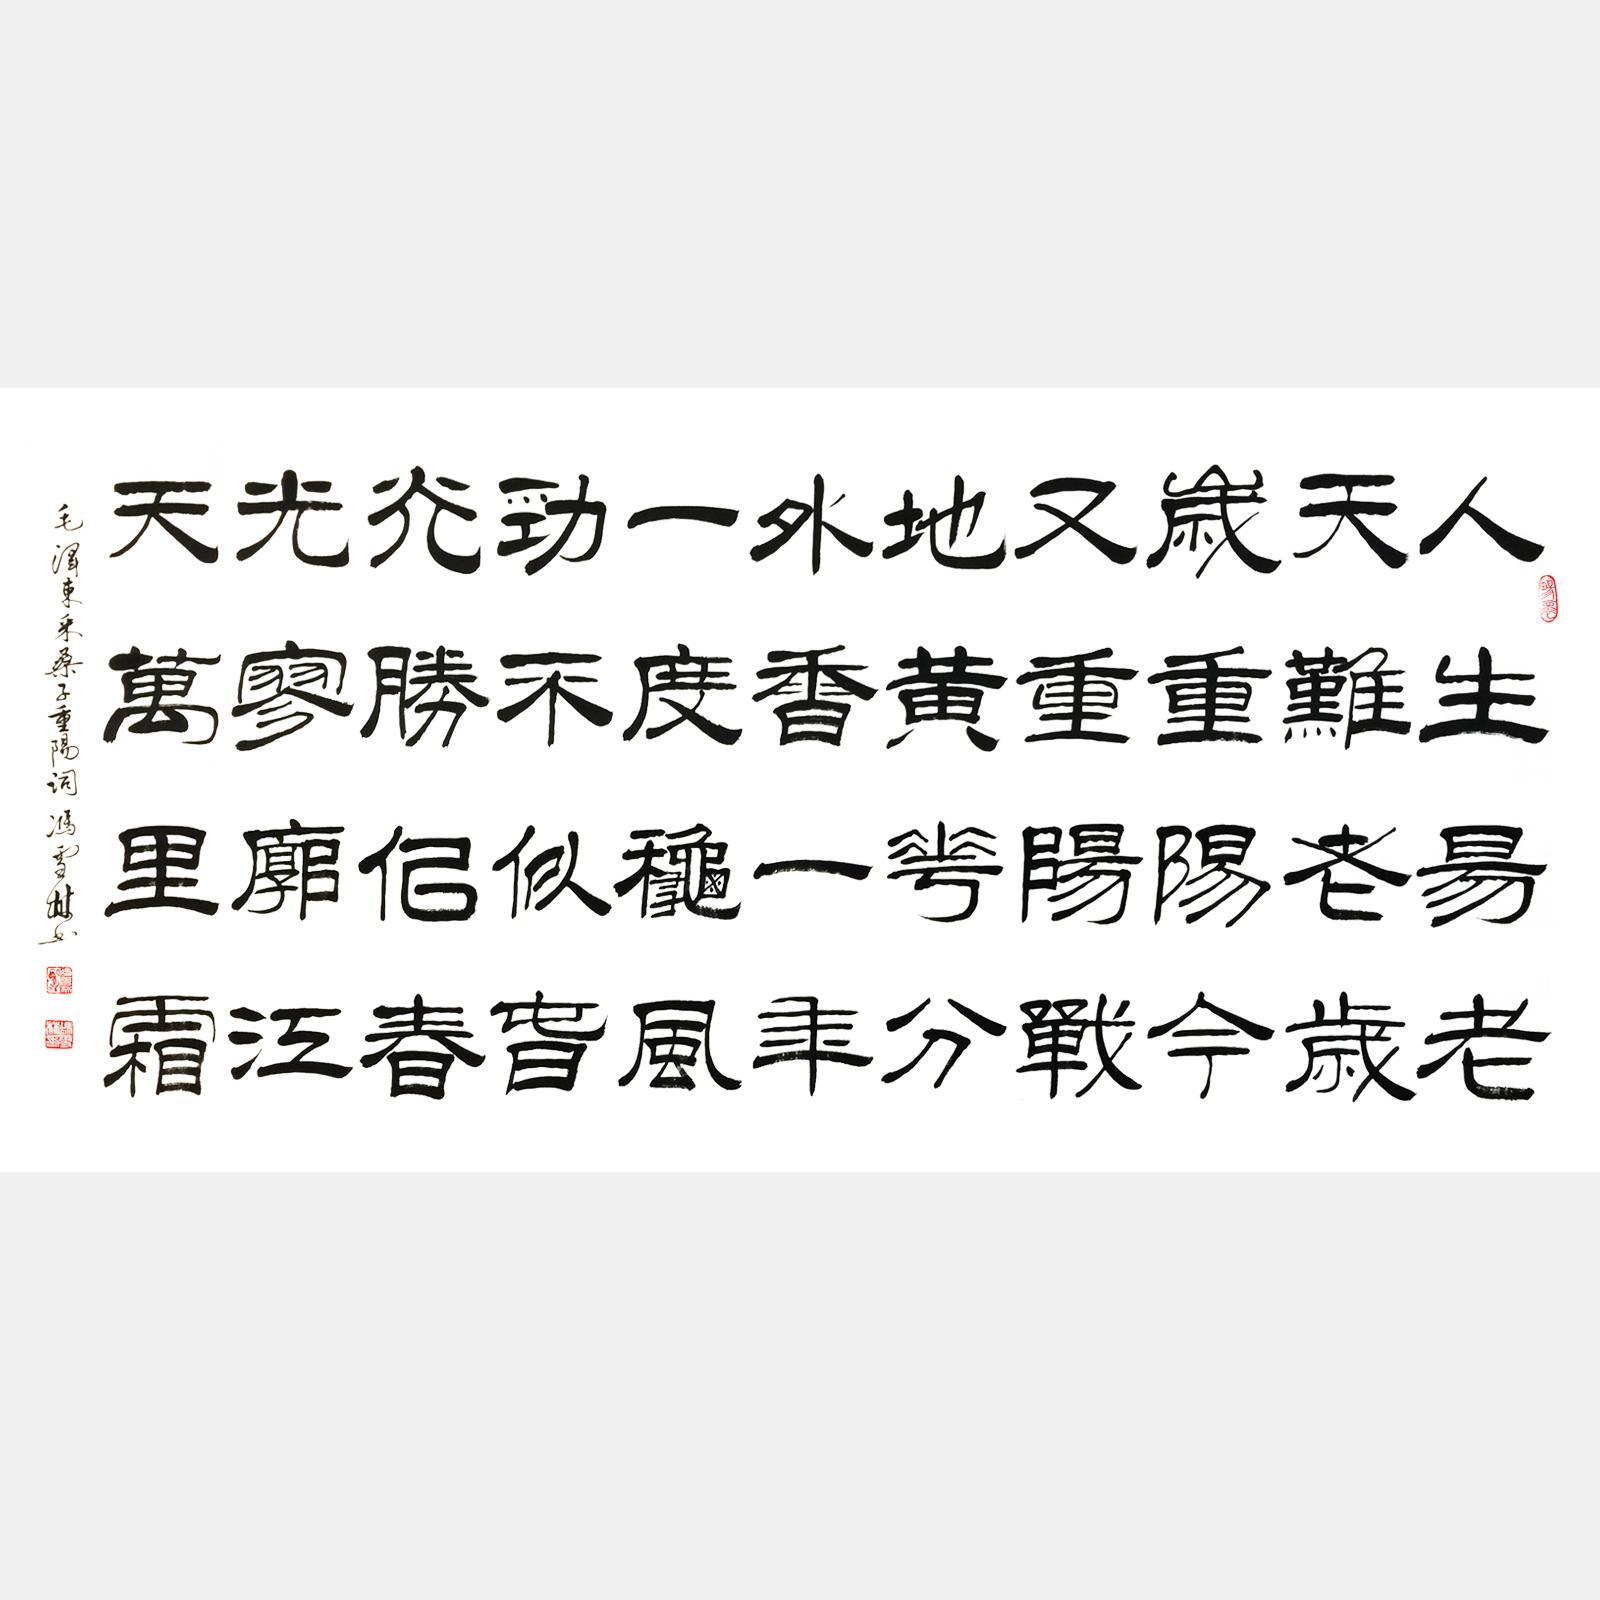 红色诗词 毛主席《采桑子・重阳》隶书书法作品